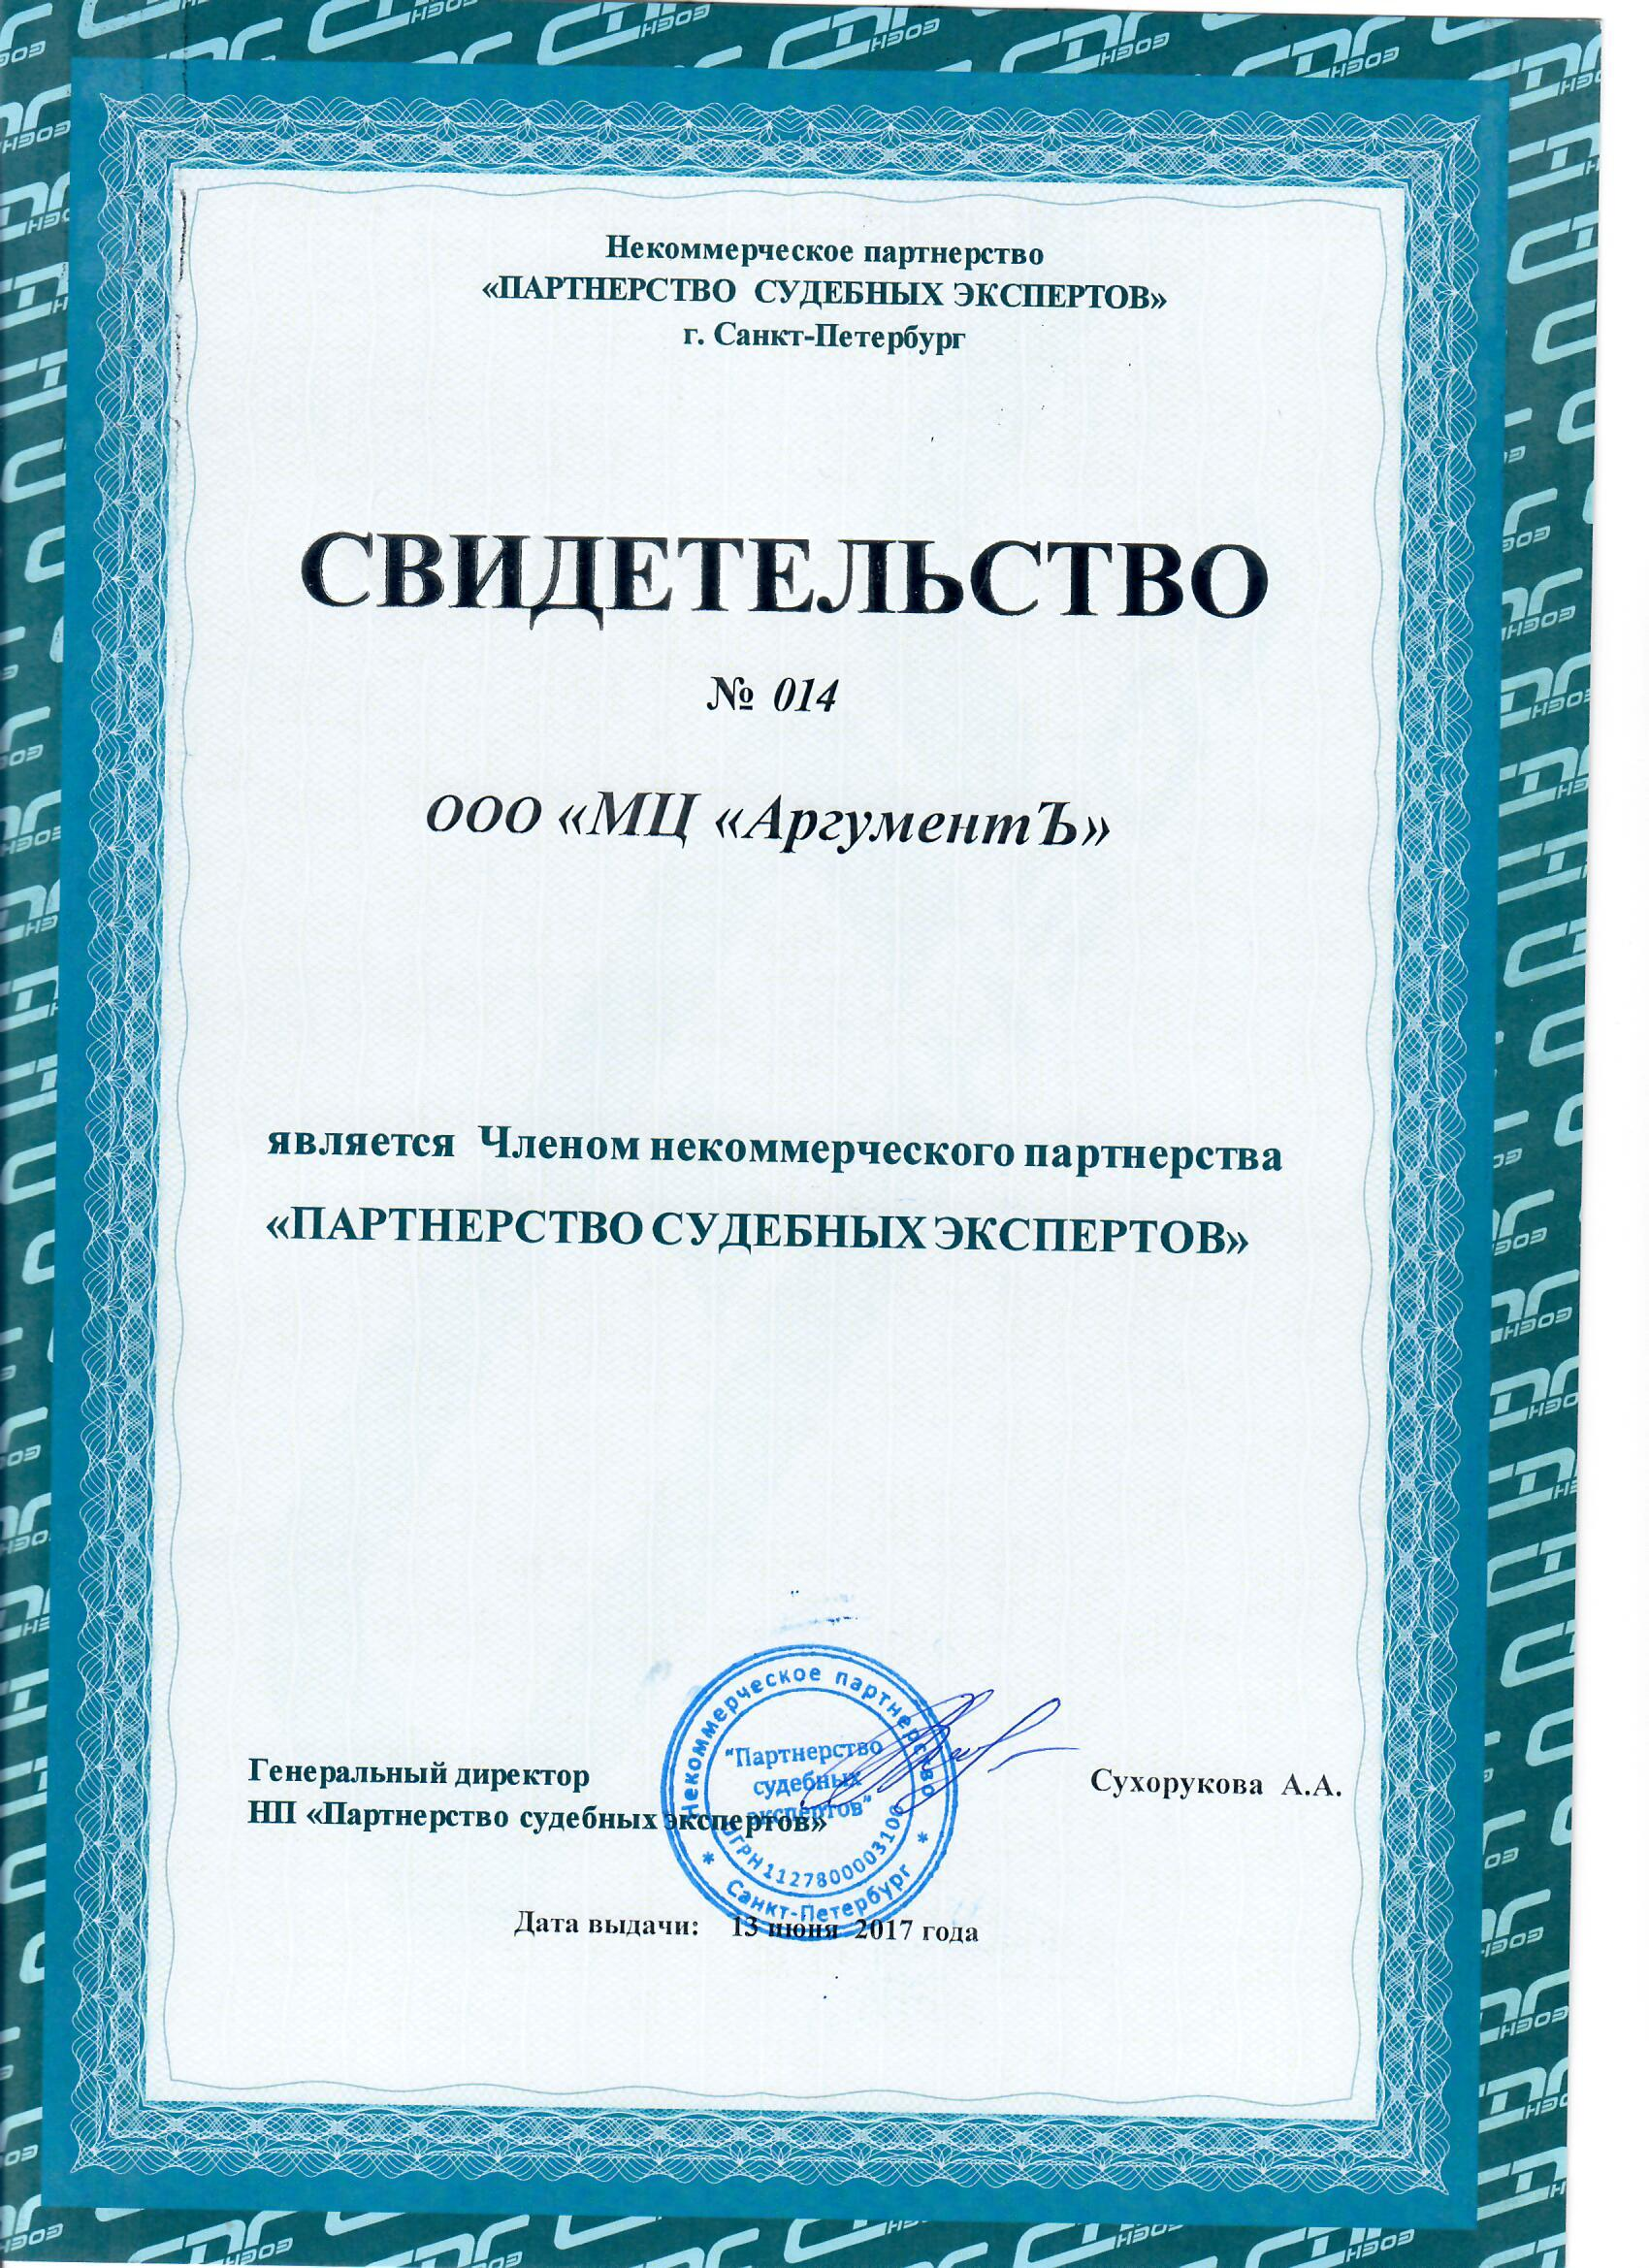 Изображение Партнерство - Св-во НОВОЕ